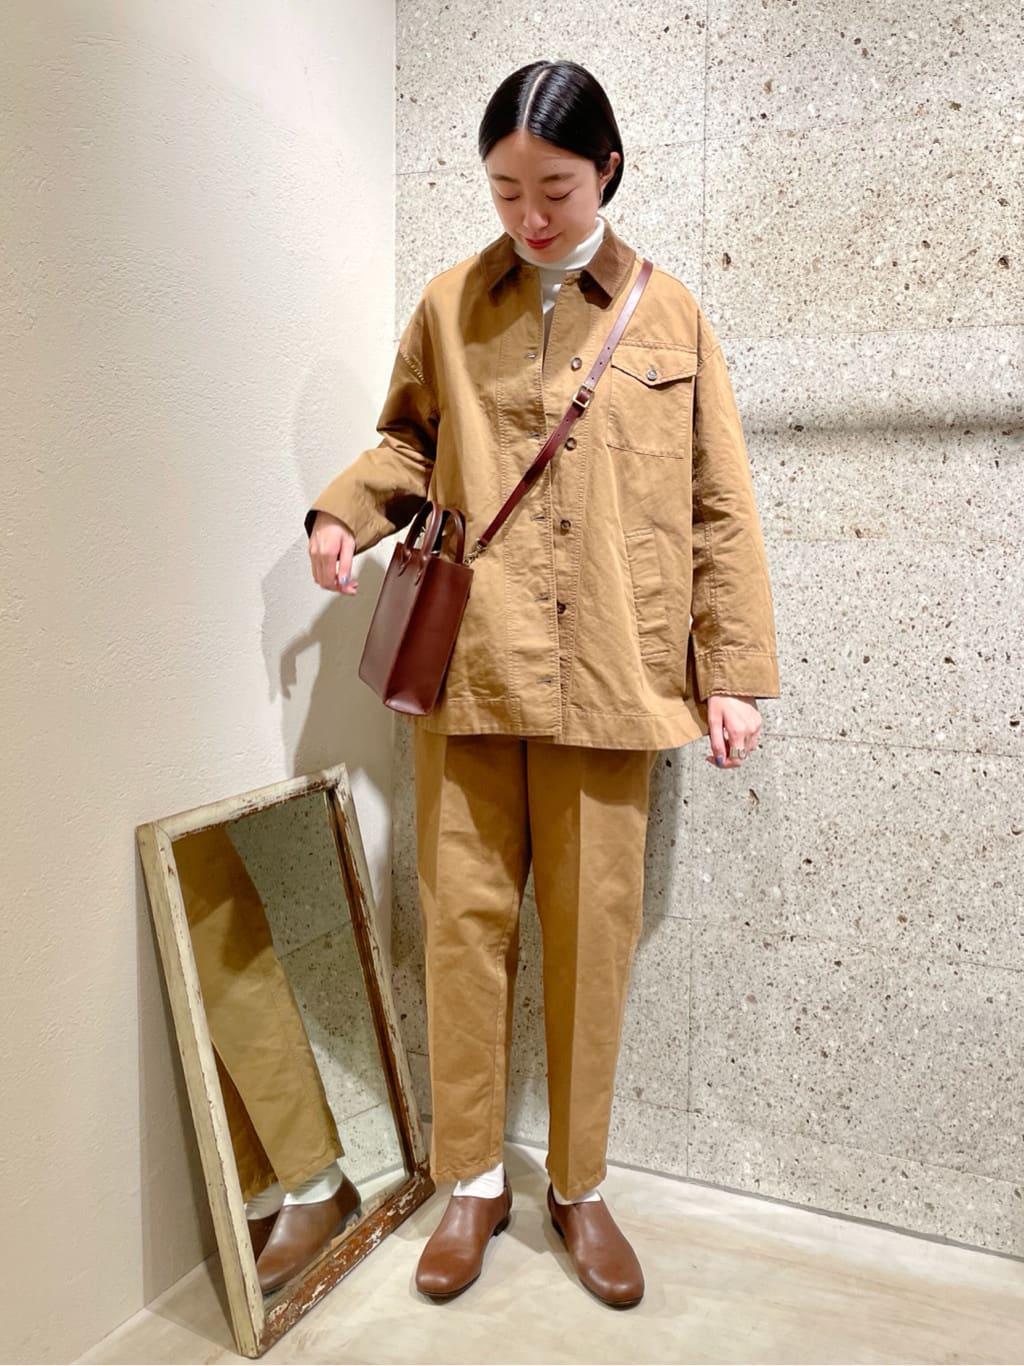 yuni ニュウマン横浜 身長:166cm 2021.08.29